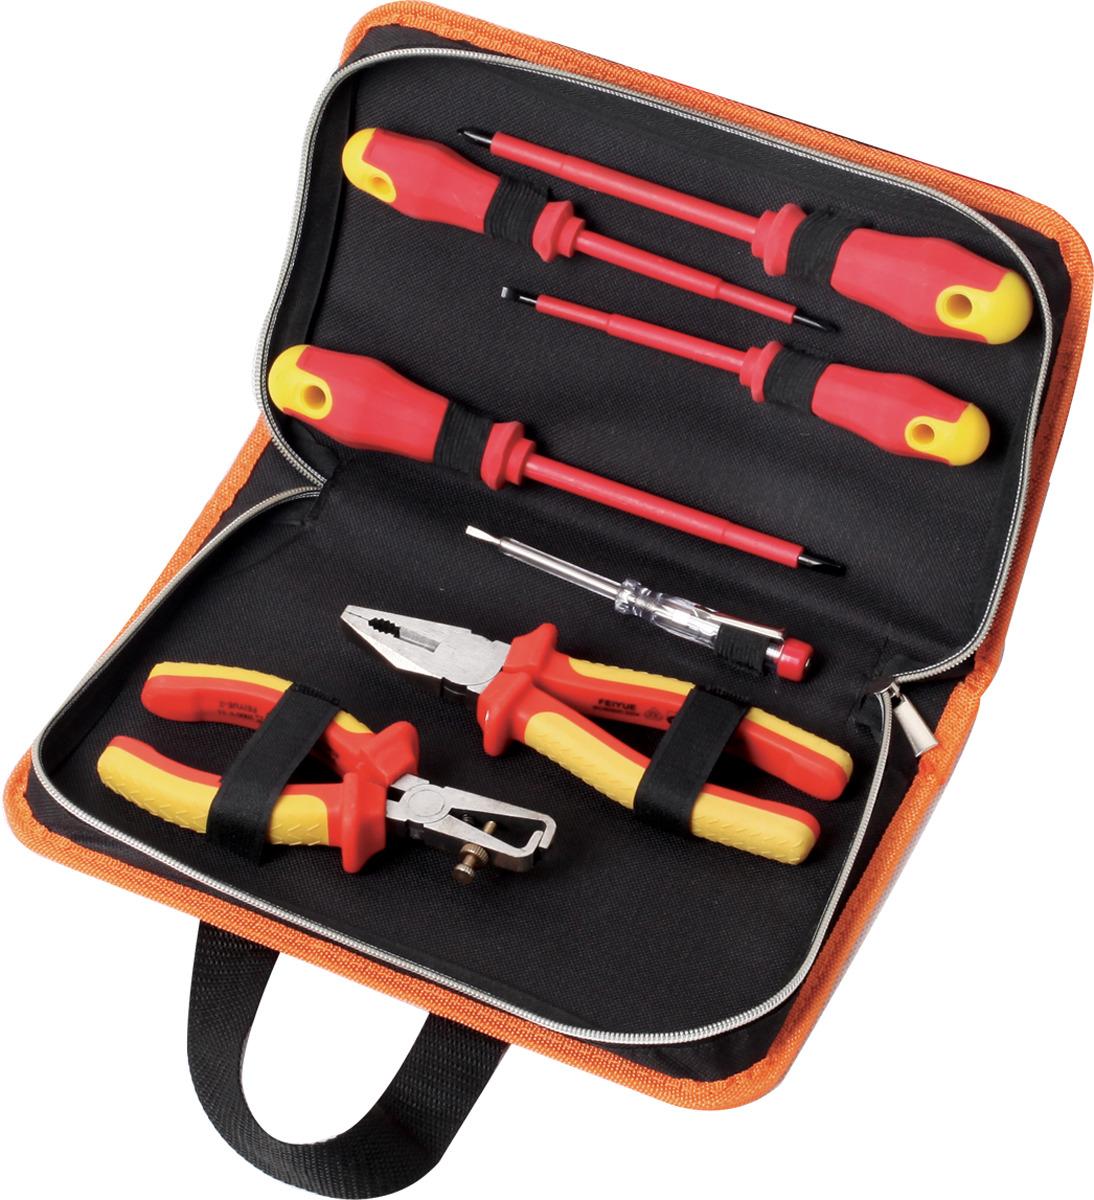 Набор инструментов для электромонтажных работ Кратон DE-03/07, 7 предметов